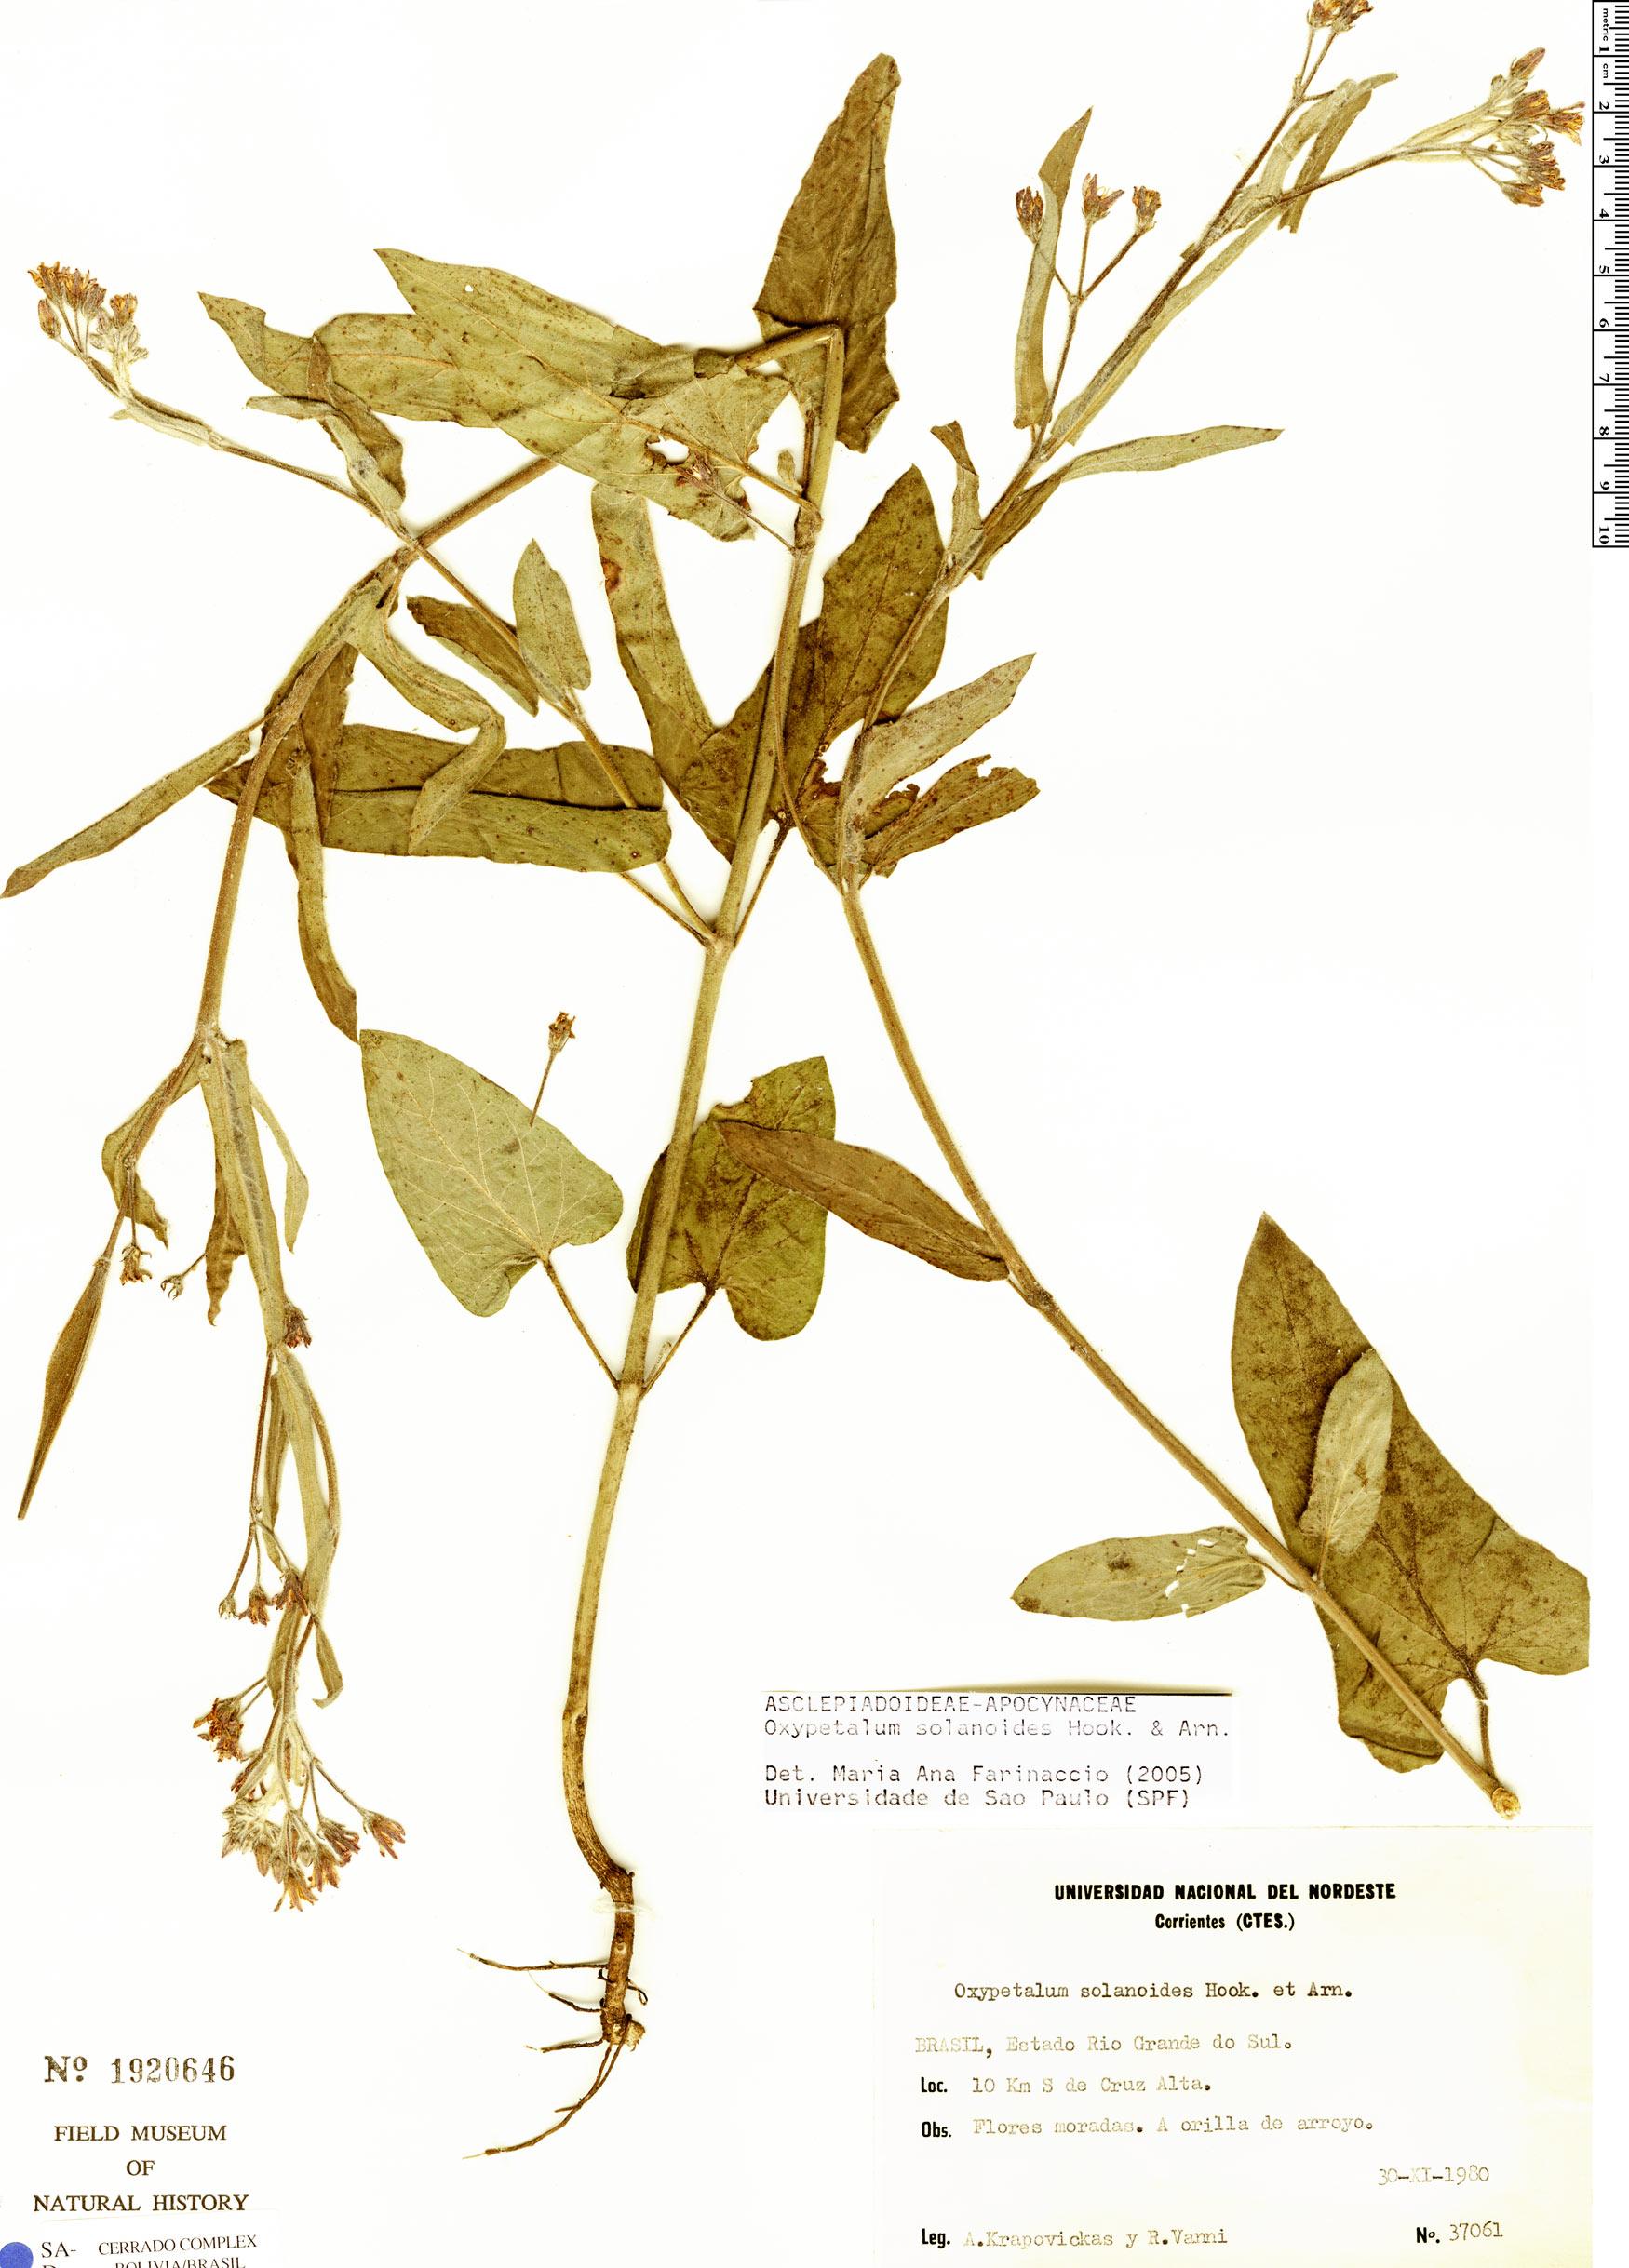 Specimen: Oxypetalum solanoides